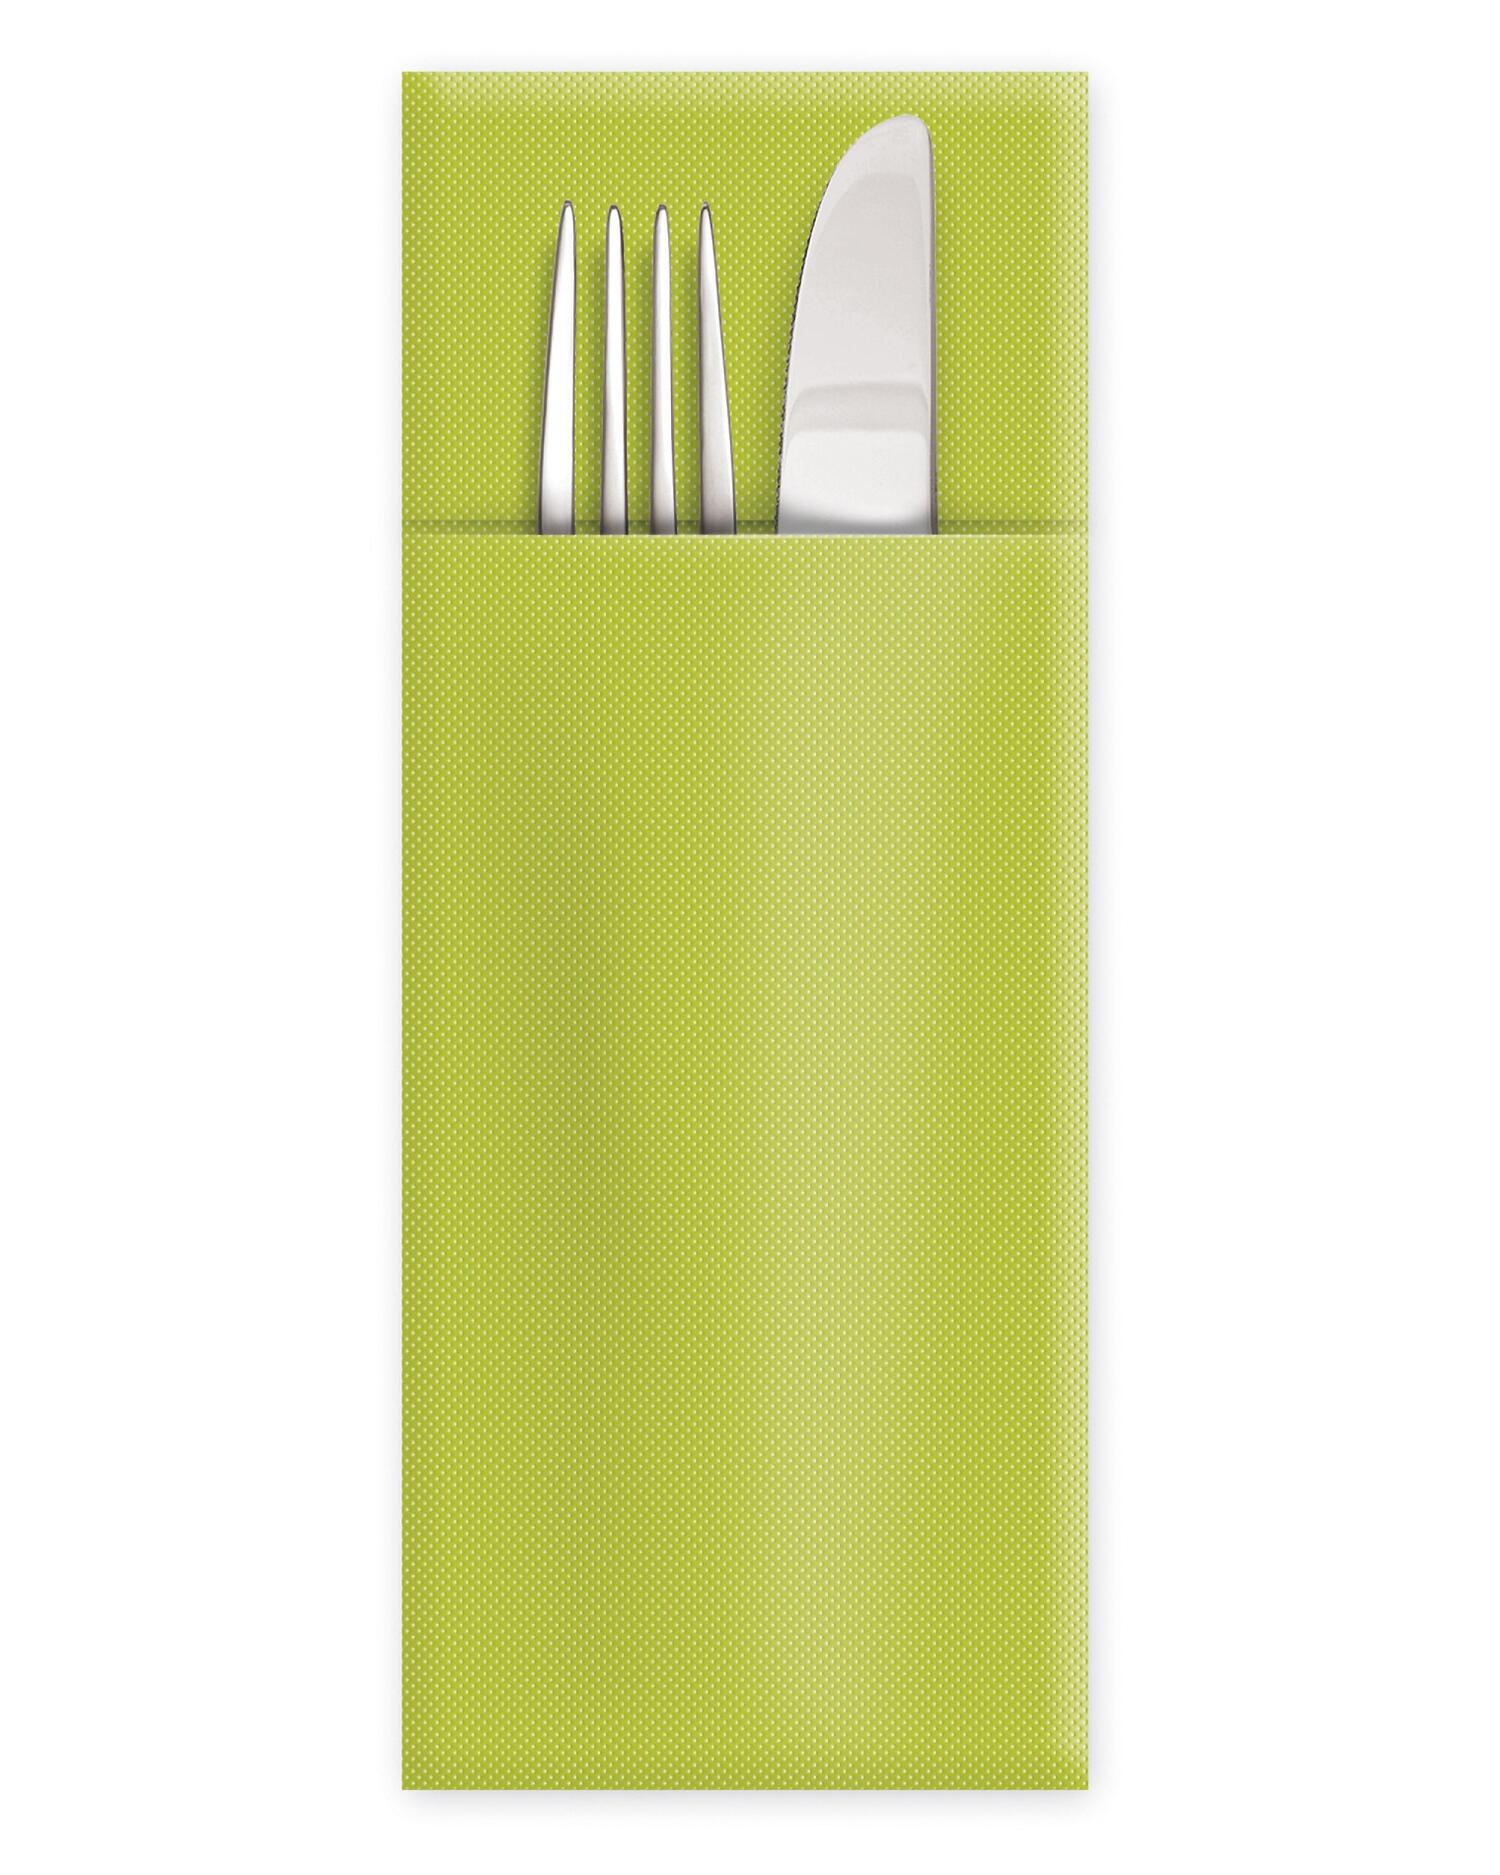 Servietten Bestecktaschen Premium 32 x 40 cm Airlaid gelbgrün, 50 Stk.